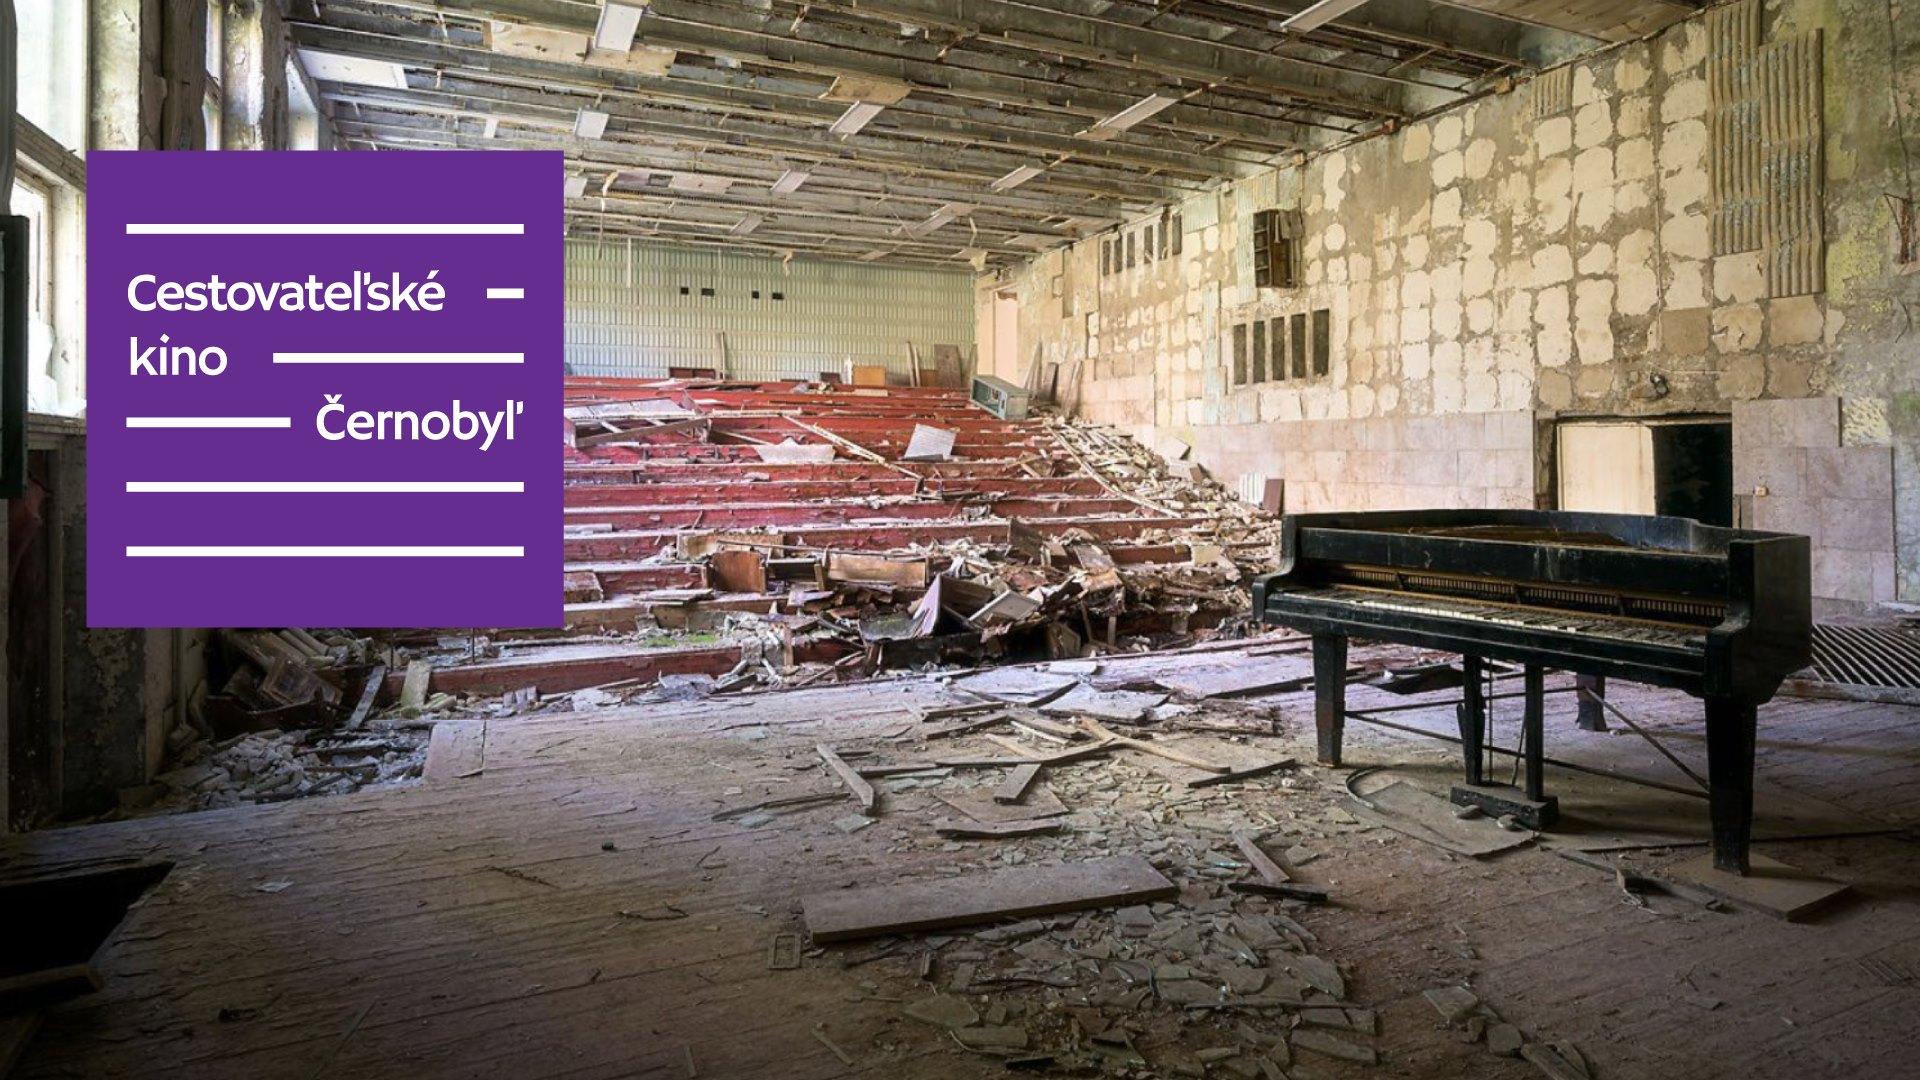 Cestovateľské kino: Černobyľ   Kino Úsmev